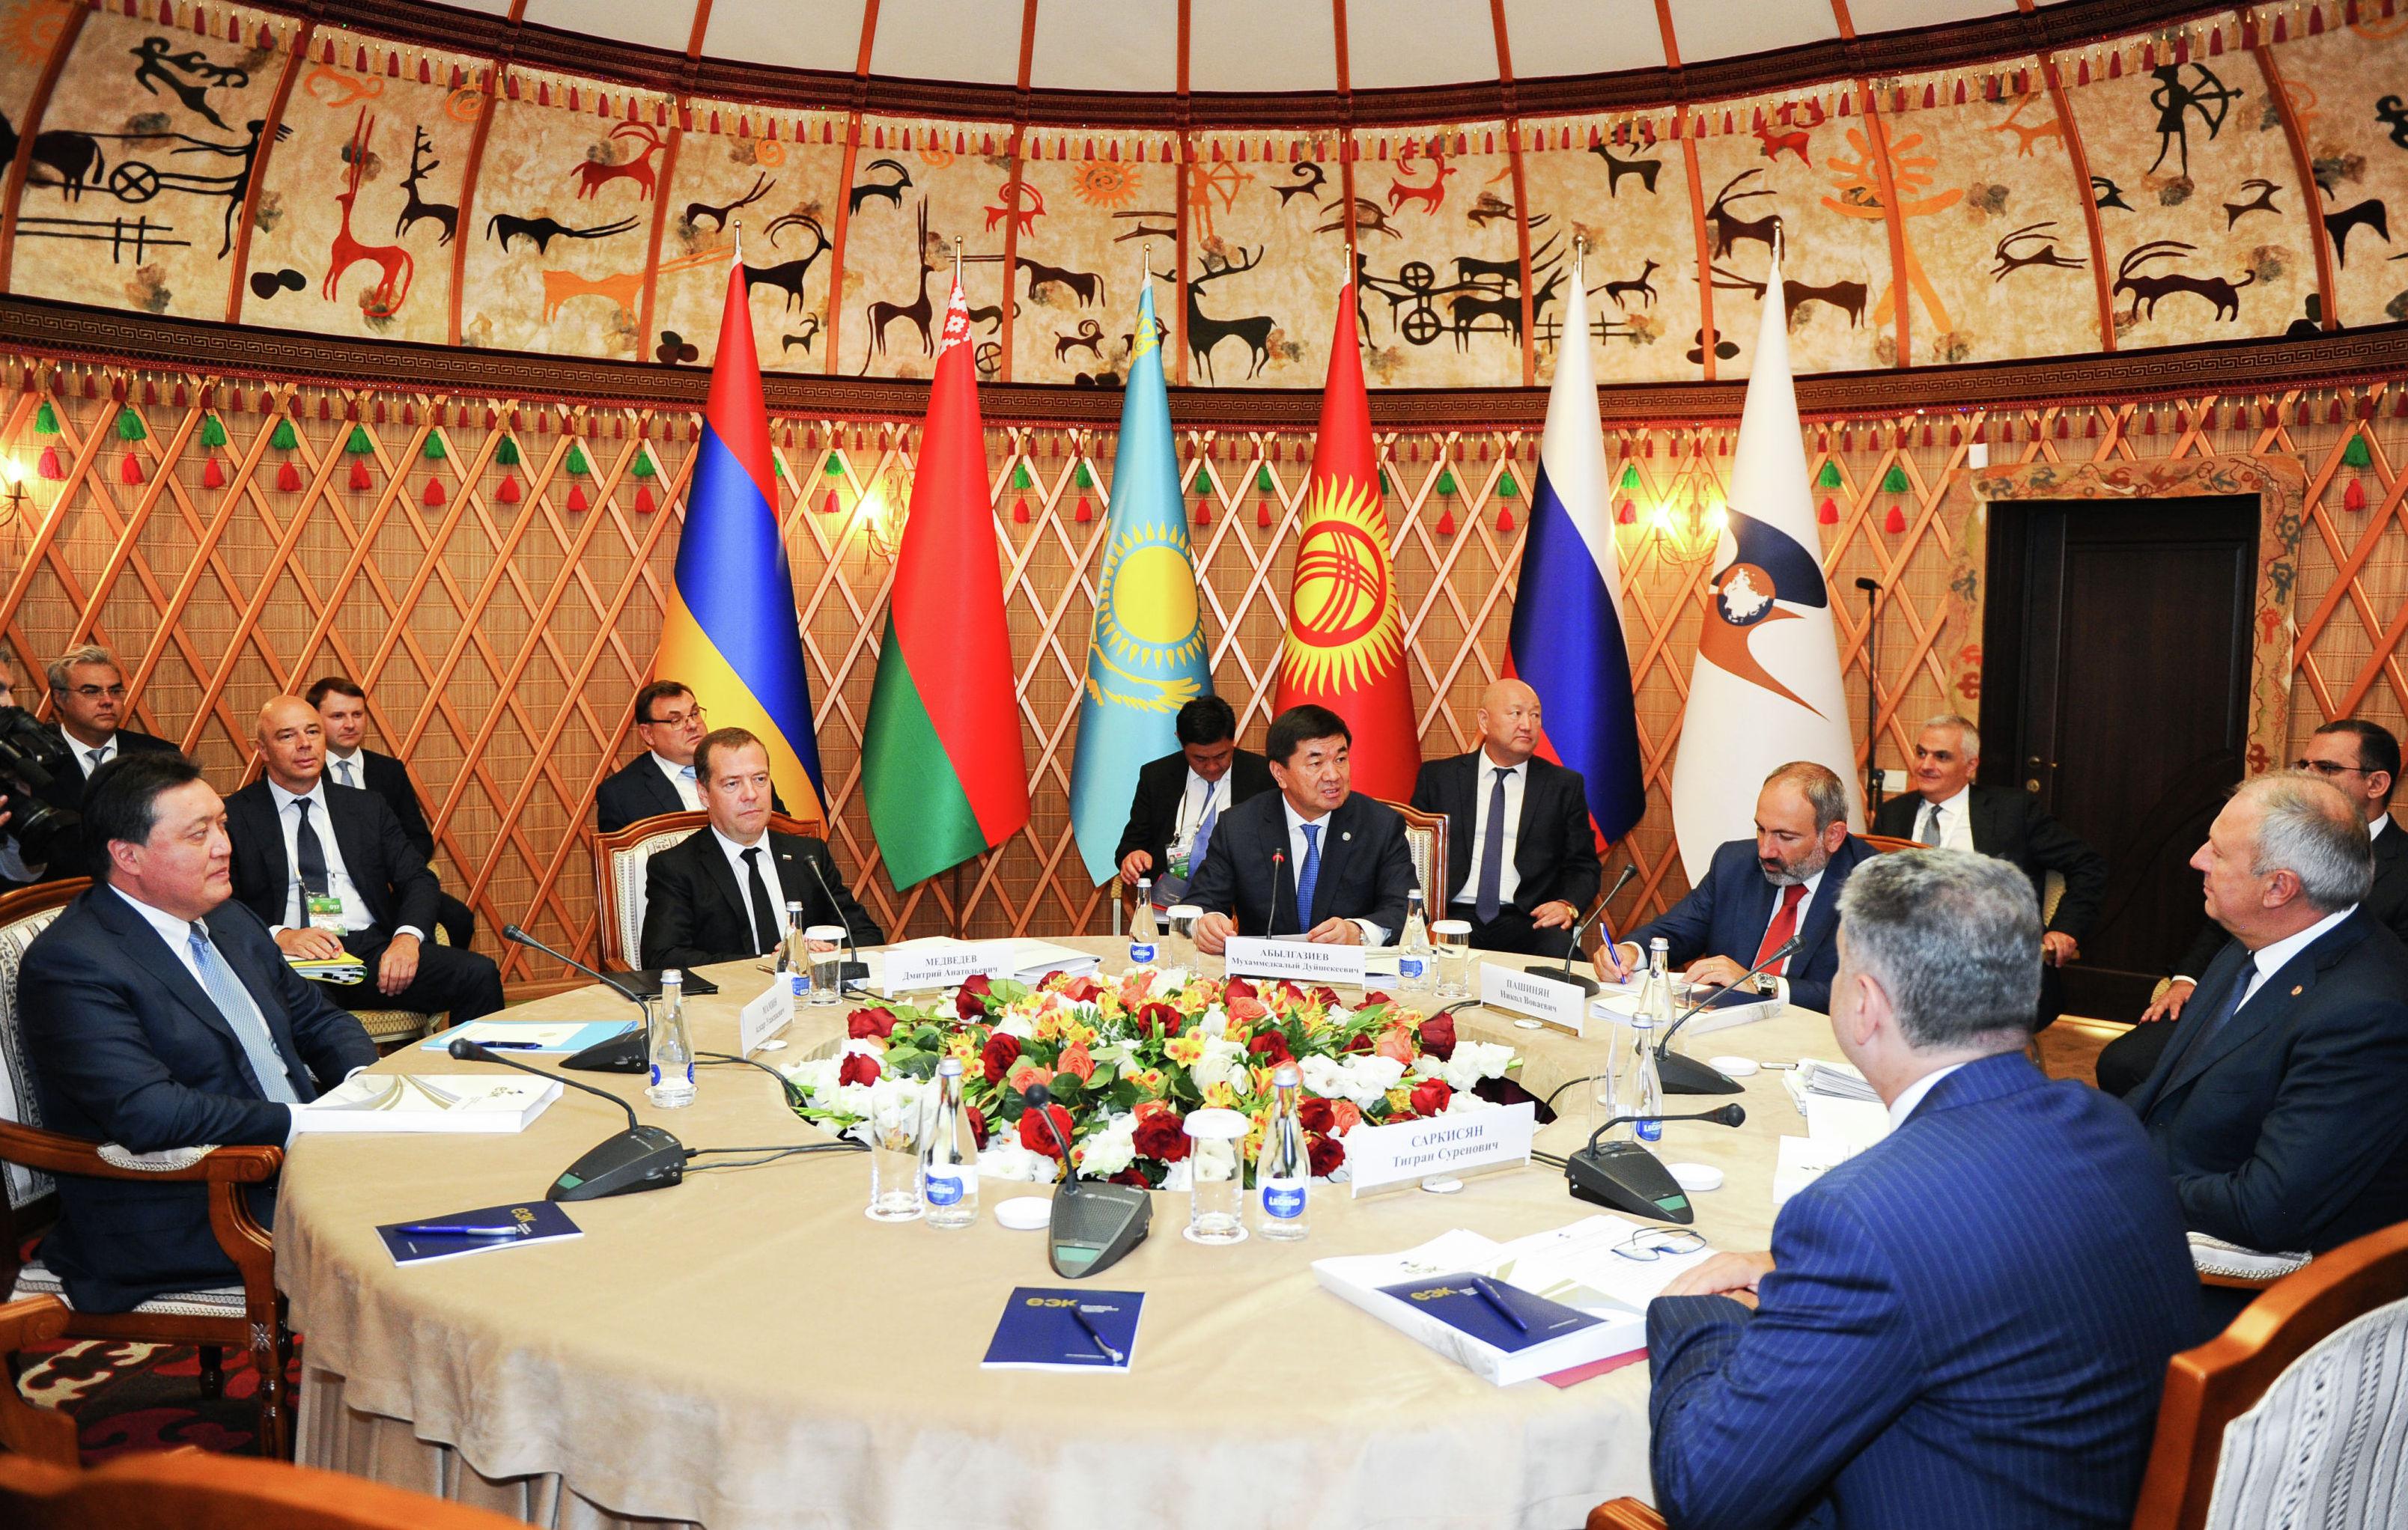 В городе Чолпон-Ата Кыргызстана с участием премьер-министра страны Мухаммедкалыя Абылгазиева проходит очередное заседание Евразийского межправительственного совета Евразийского экономического союза в узком составе